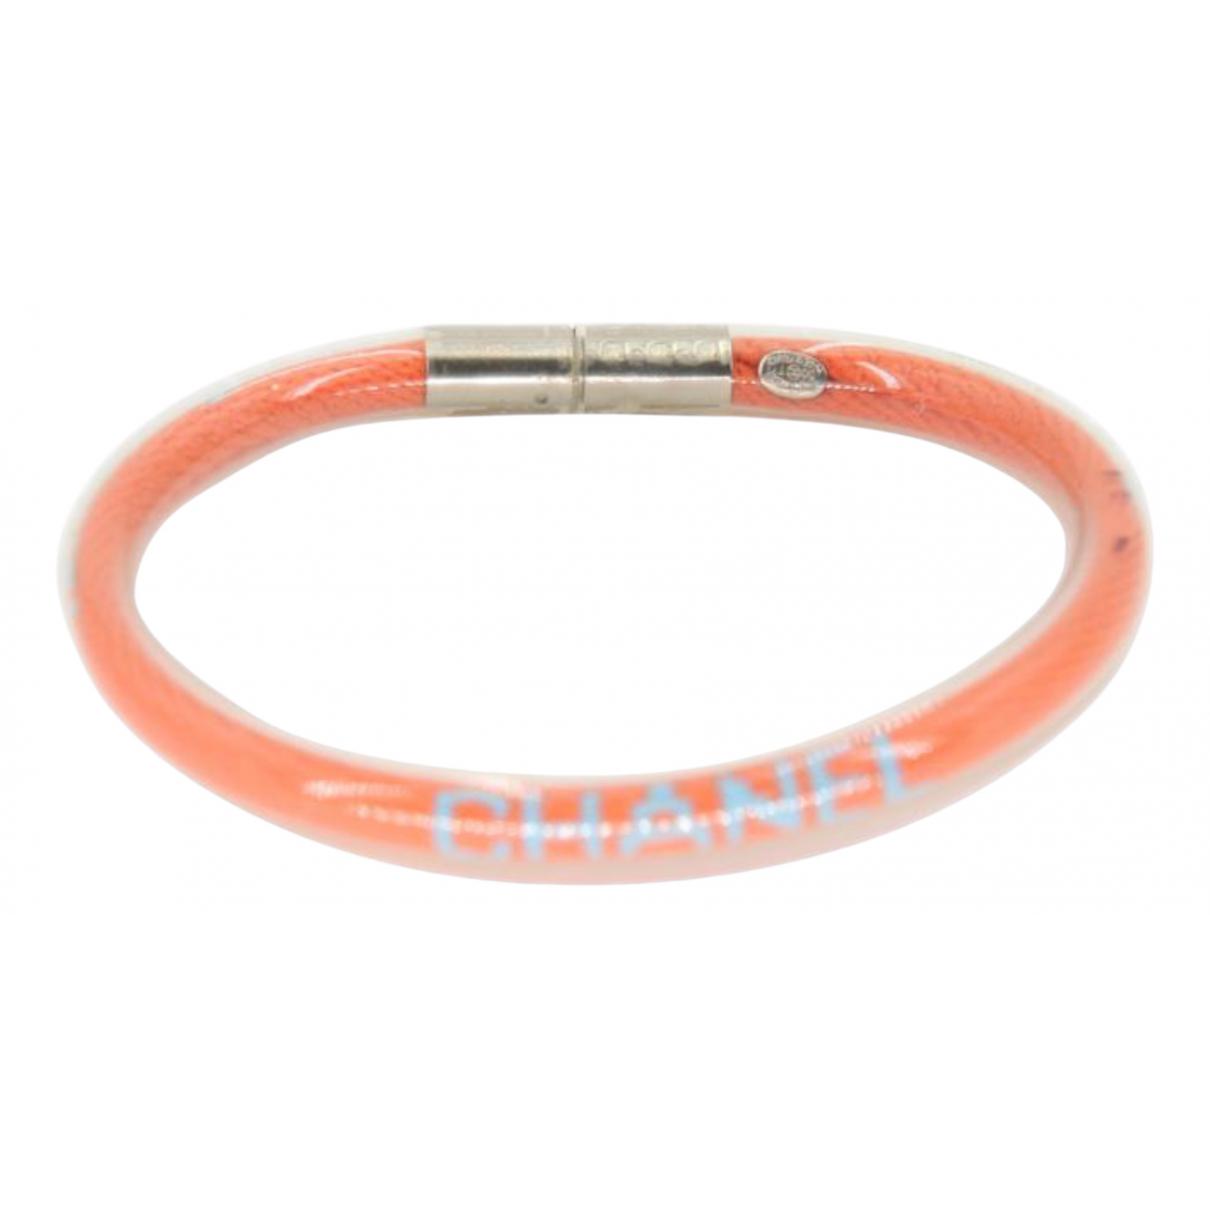 Chanel - Bracelet   pour femme - orange